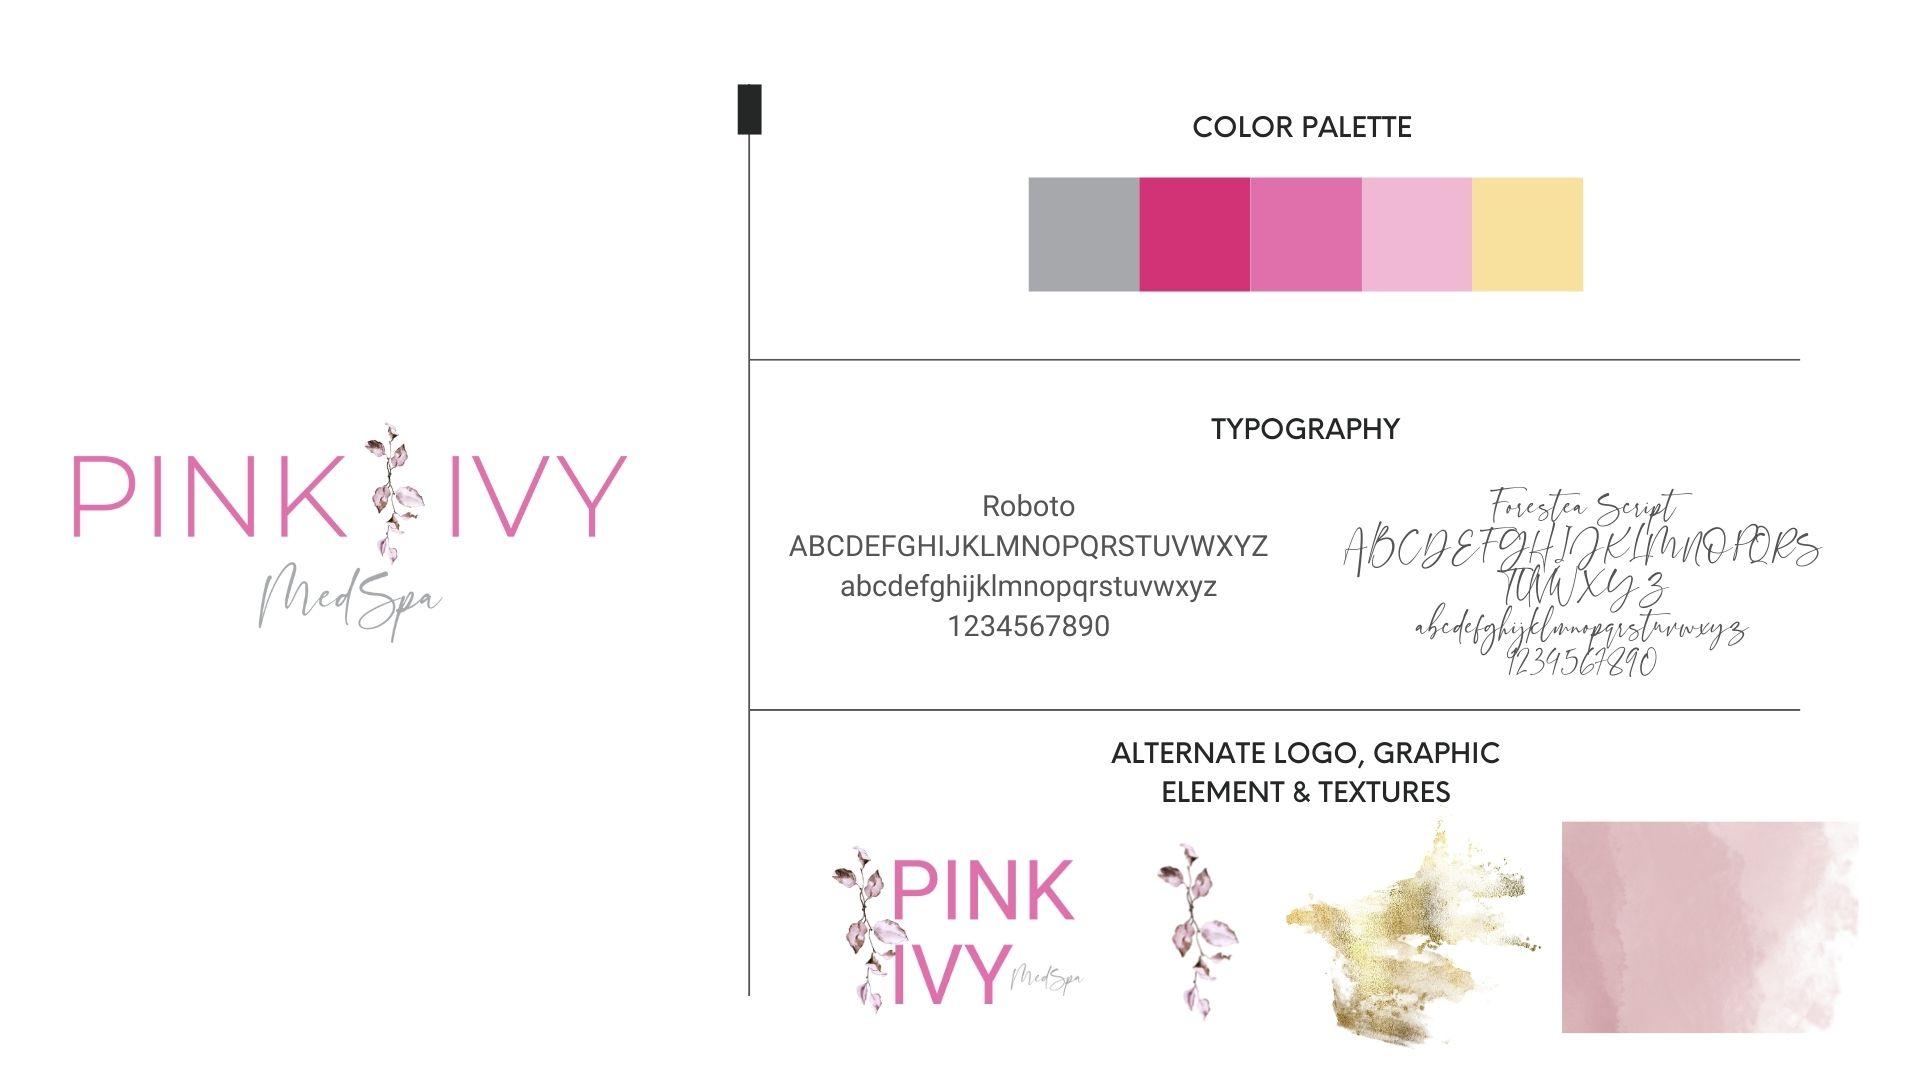 MedSpa logo design for Pink Ivy MedSpa